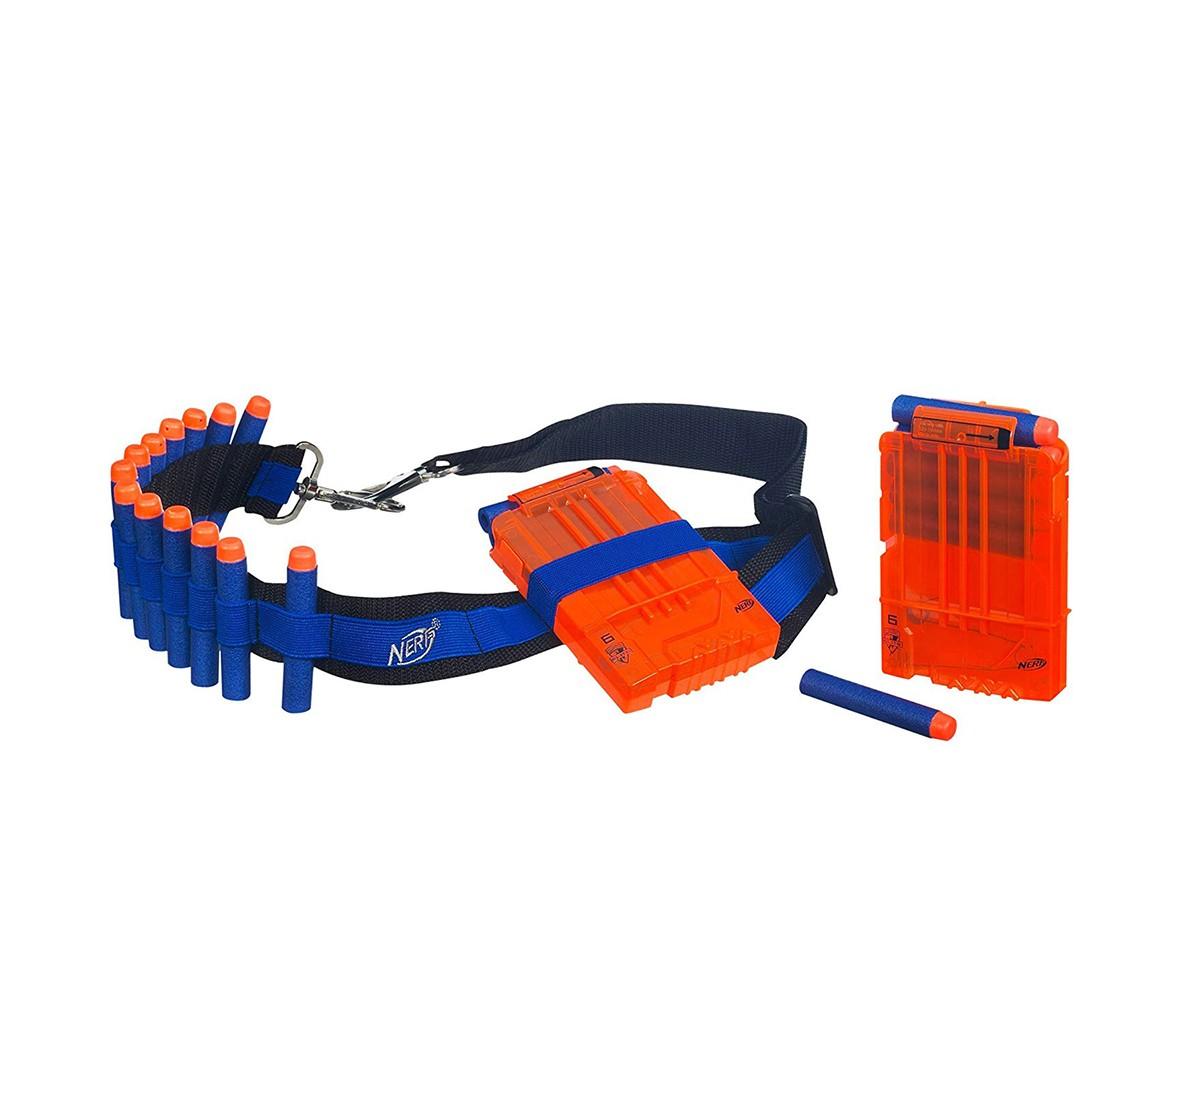 Nerf N Strike Elite Bandolier Kit Blasters for Kids age 4Y+